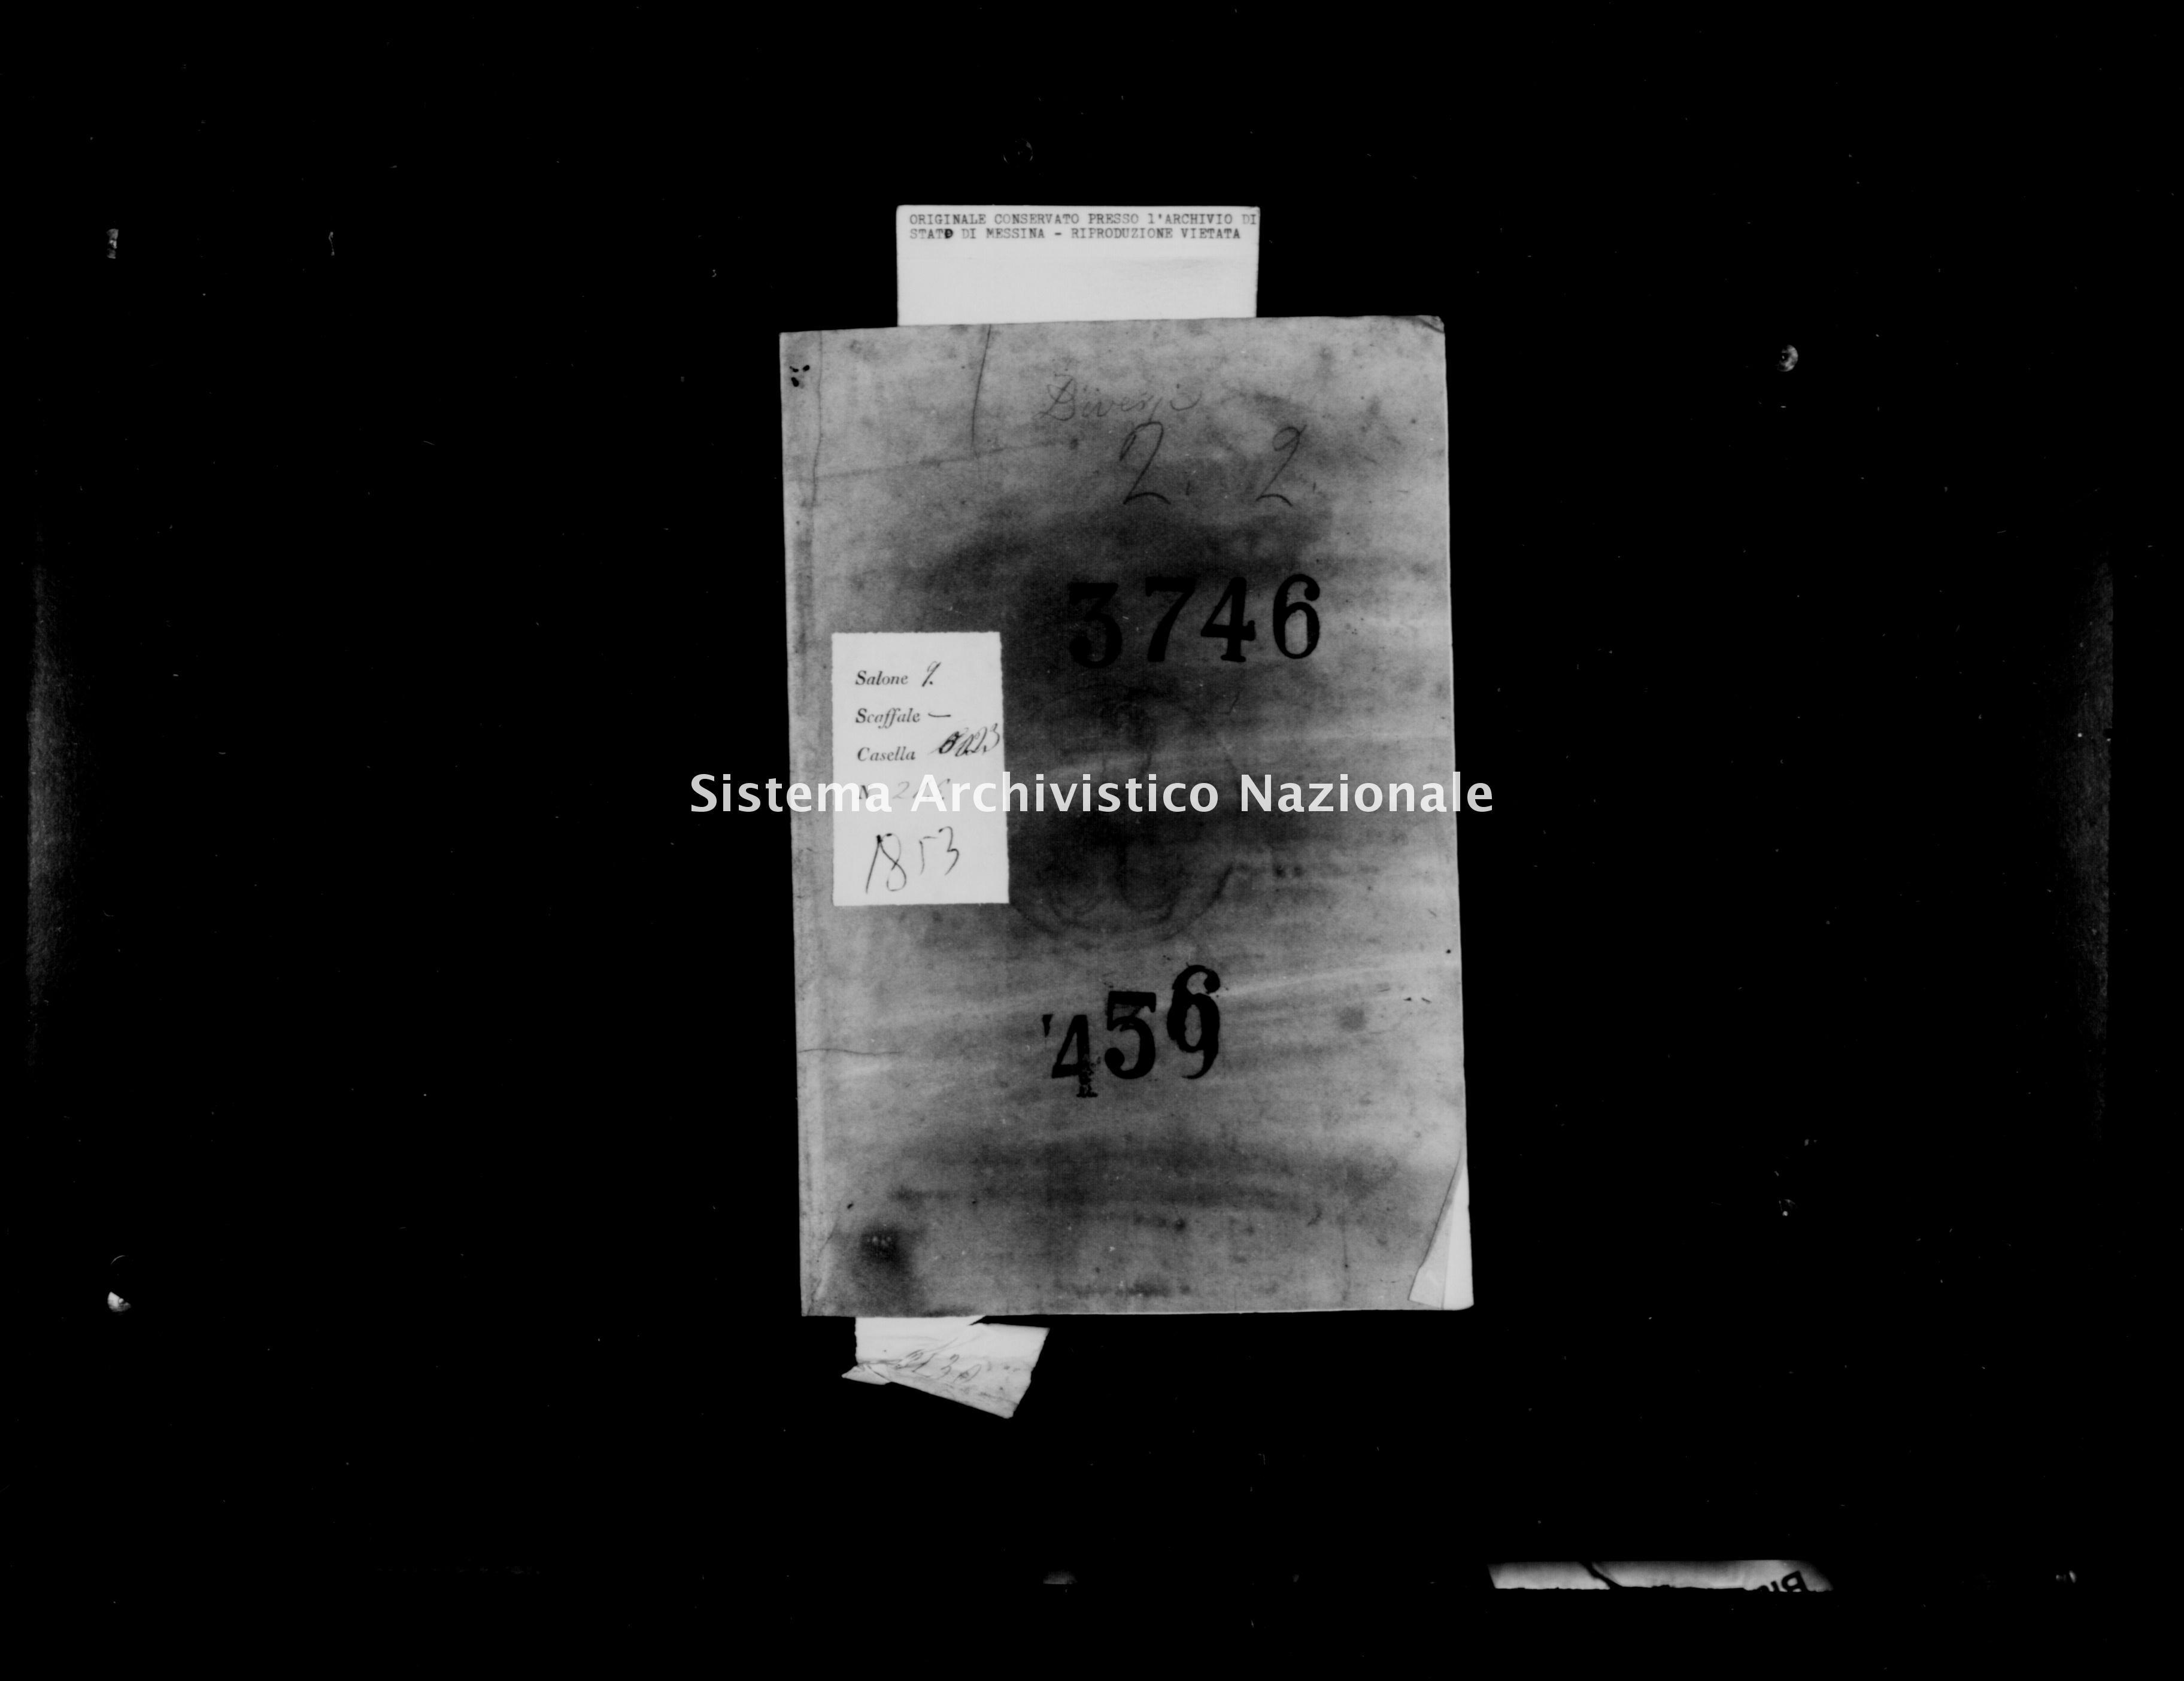 Archivio di stato di Messina - Stato civile della restaurazione - Gallodoro - Diversi - 1853 - 456 -